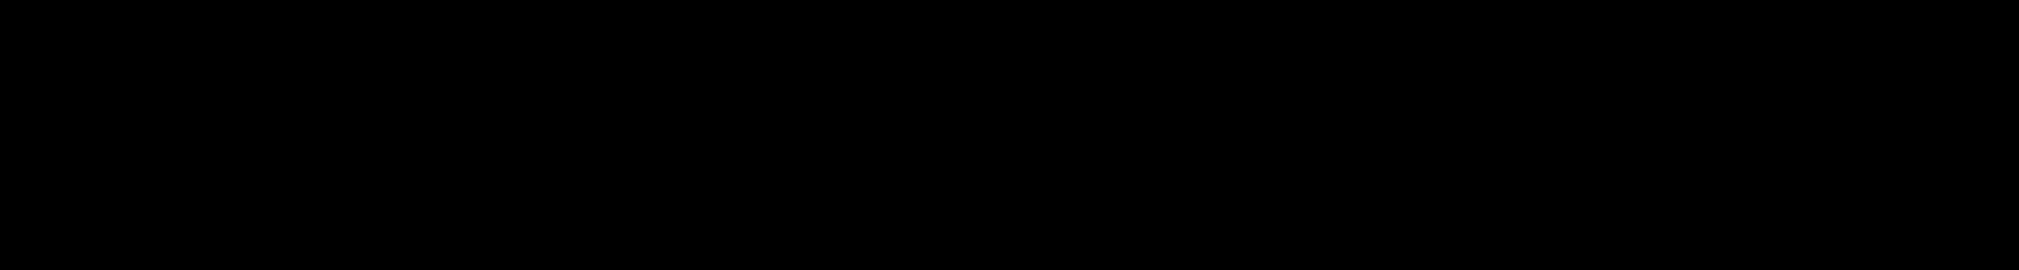 Dr. Barbara Sturm-Waldman | Faltenbehandlung – Faltenunterspritzung mit Botox / Hyaluronsäure Logo